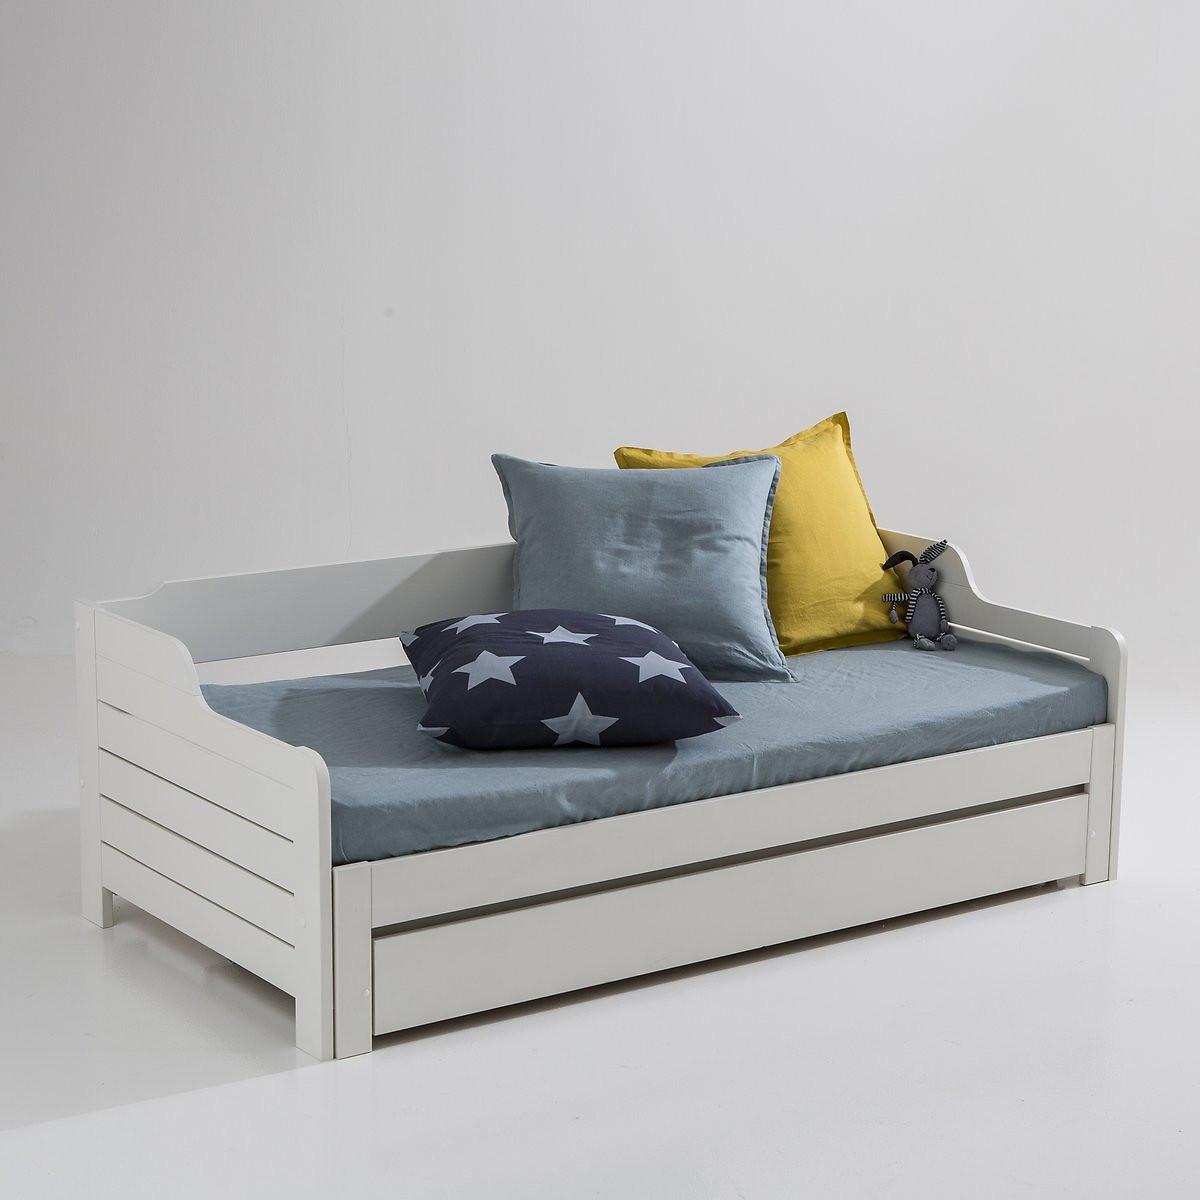 Кровать-банкетка LaRedoute Раздвижная с ящиком для хранения и реечным дном Grimsby 90 x 190 см белый матрас laredoute для кровати с ящиком 90 x 180 x 12 белый